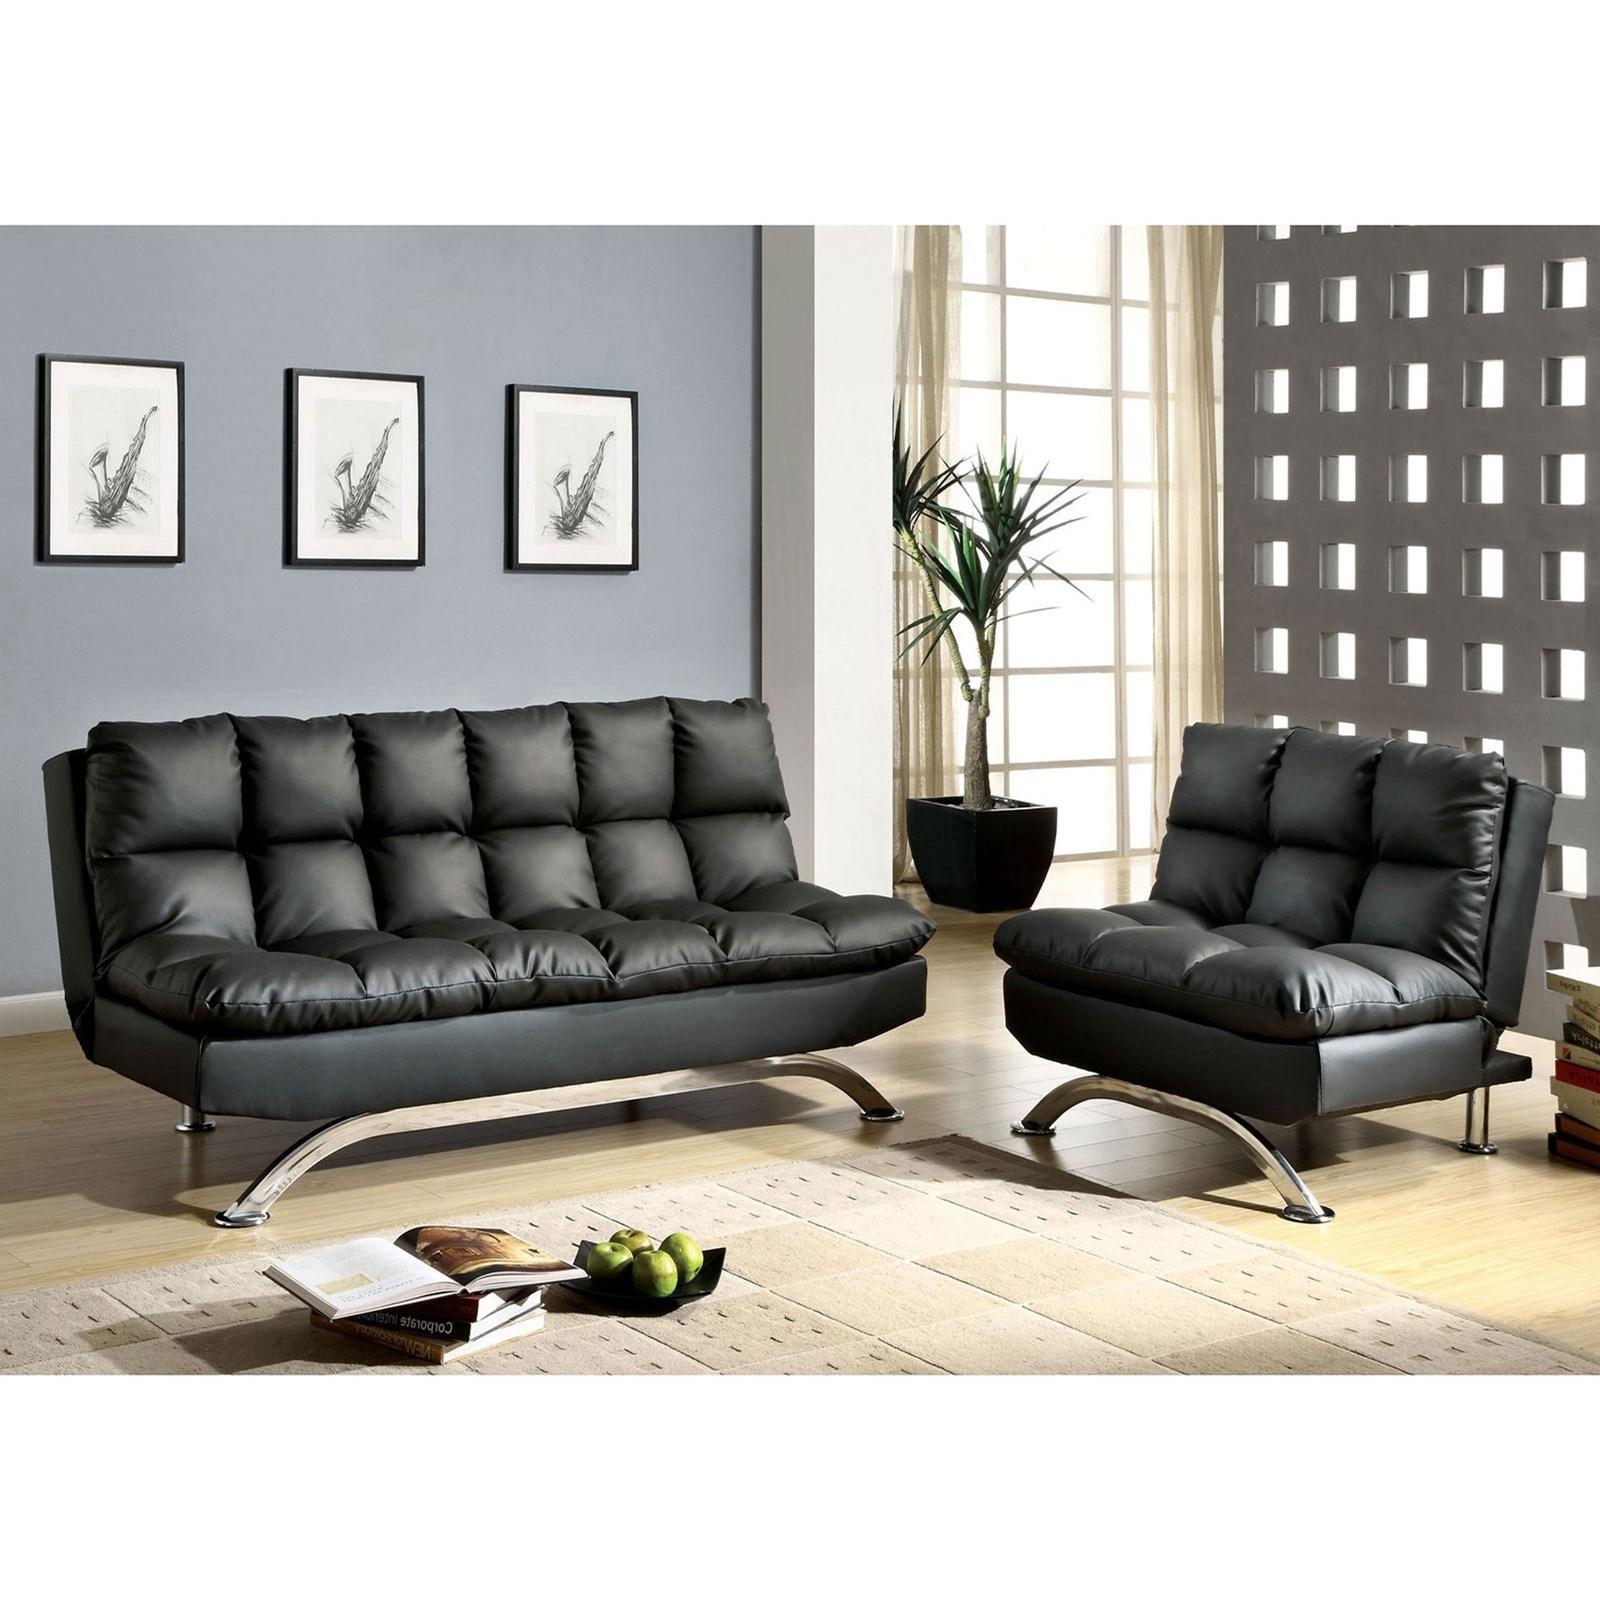 Futon Sofa + Chair